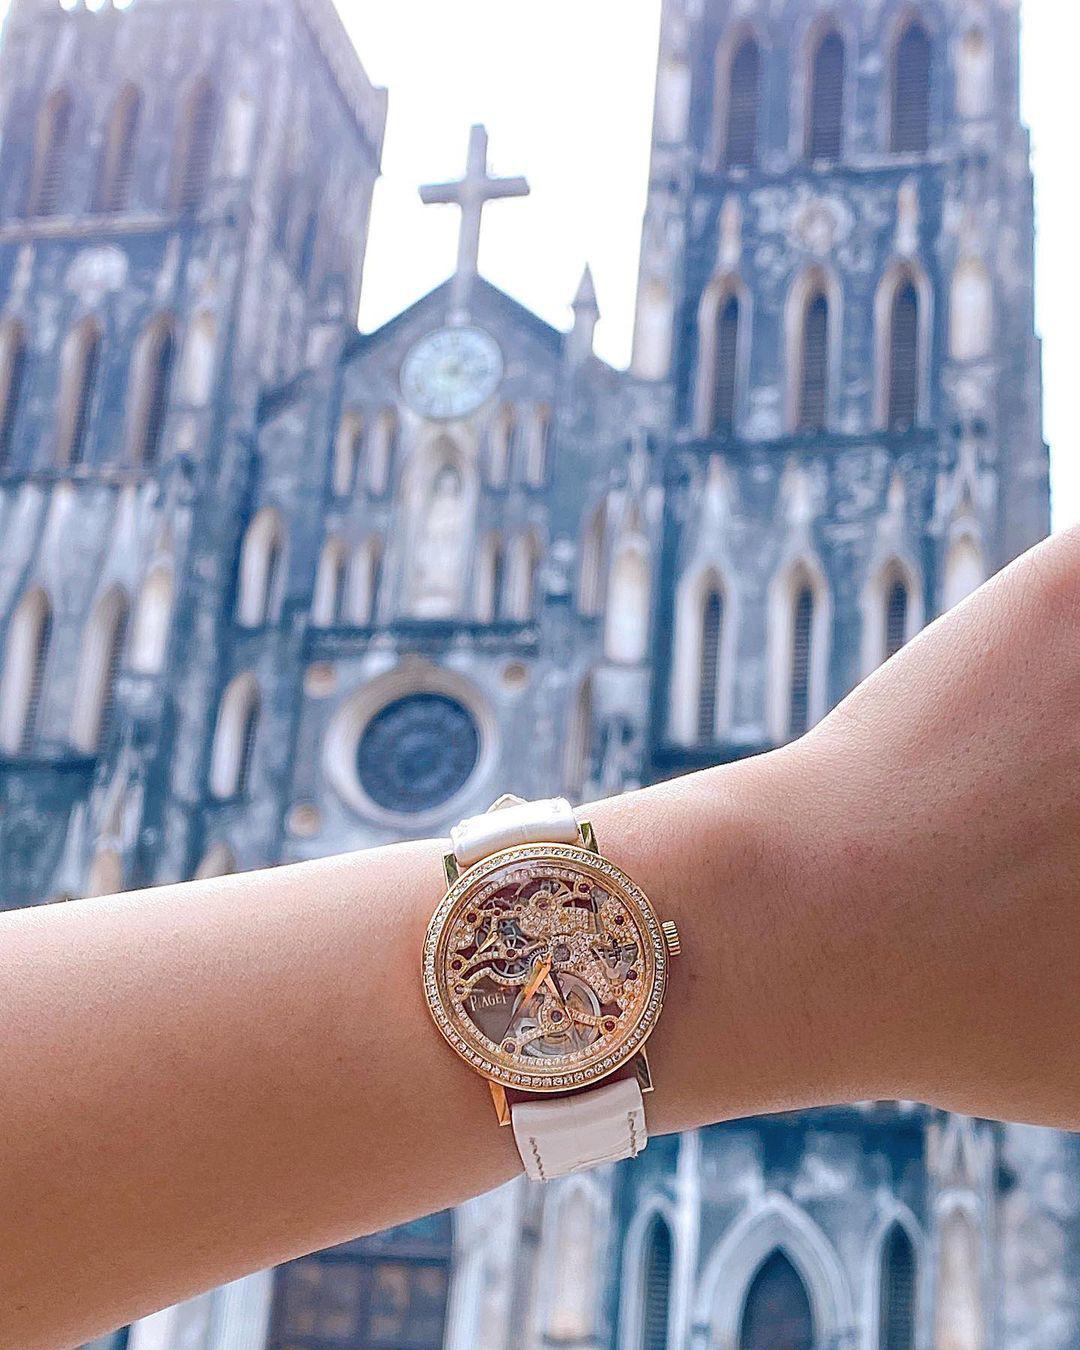 """Quỳnh Anh Shyn """"đụng hàng"""" Trần Viên Ngọc Trân: Cận cảnh mẫu đồng hồ tiền tỉ khiến các nàng say đắm - Ảnh 4."""